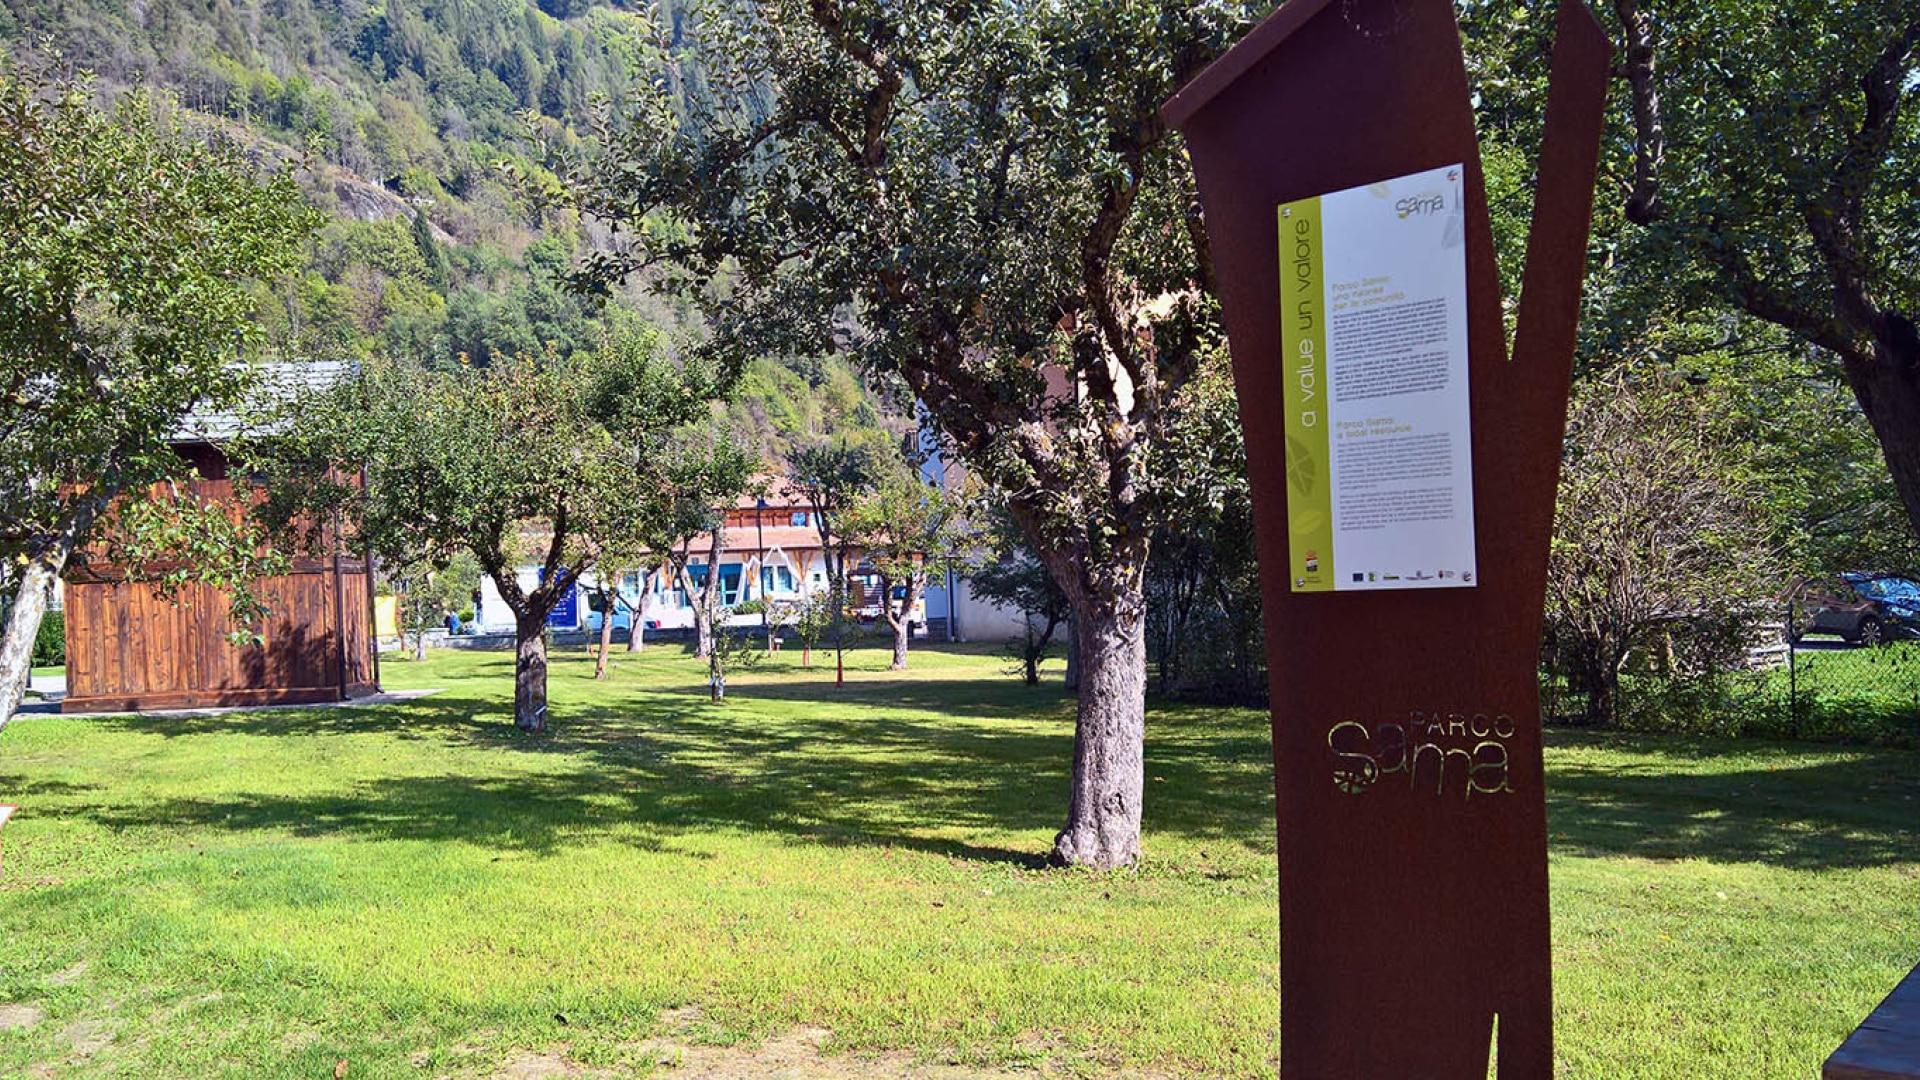 Parco Sama - Pellizzano - allestimento permanente